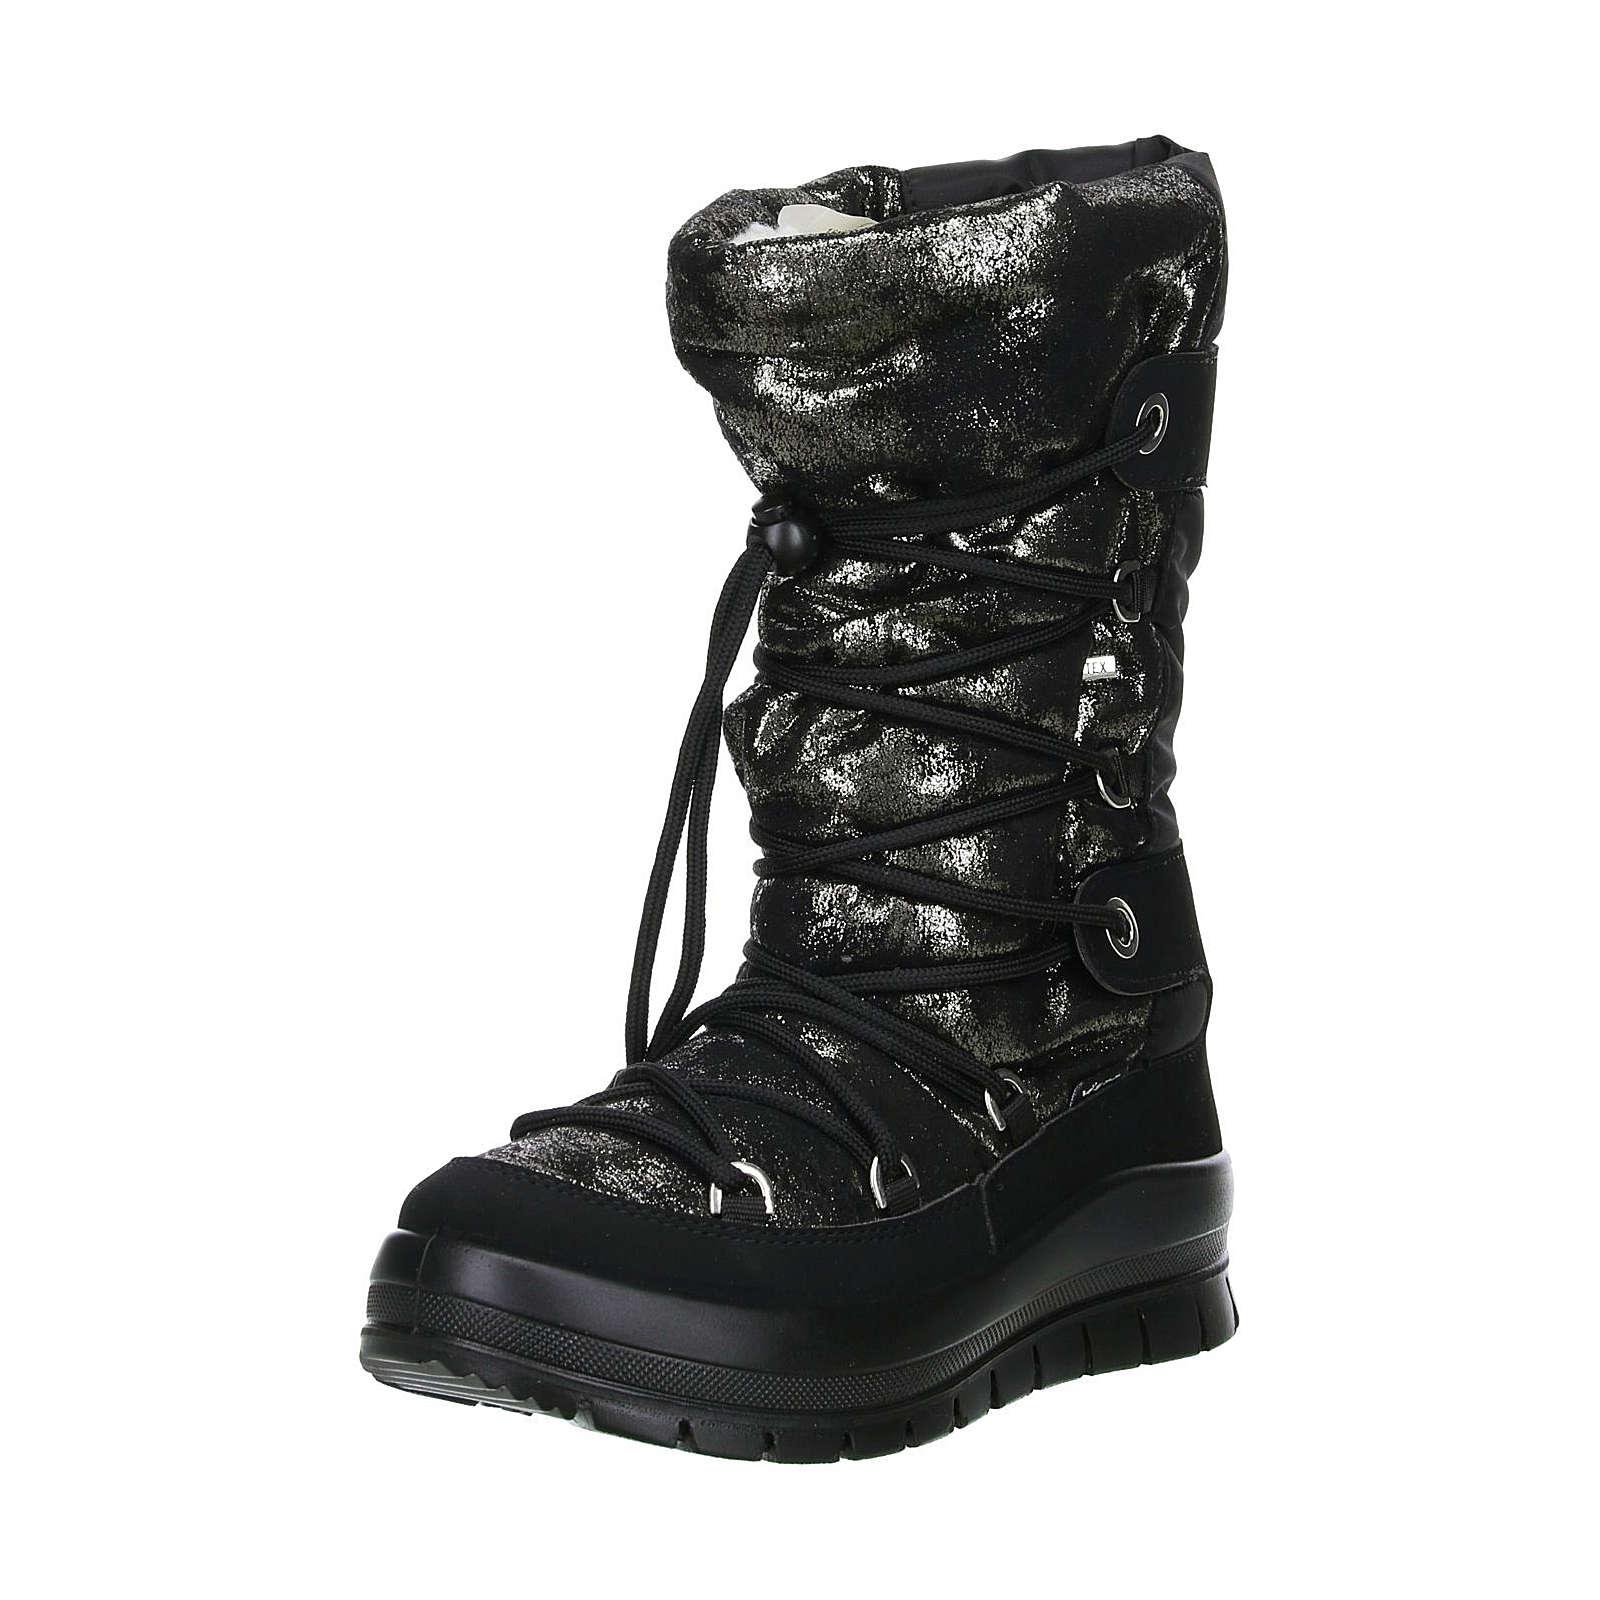 Vista Damen Winterstiefel Snowboots schwarz/metallic schwarz Damen Gr. 40